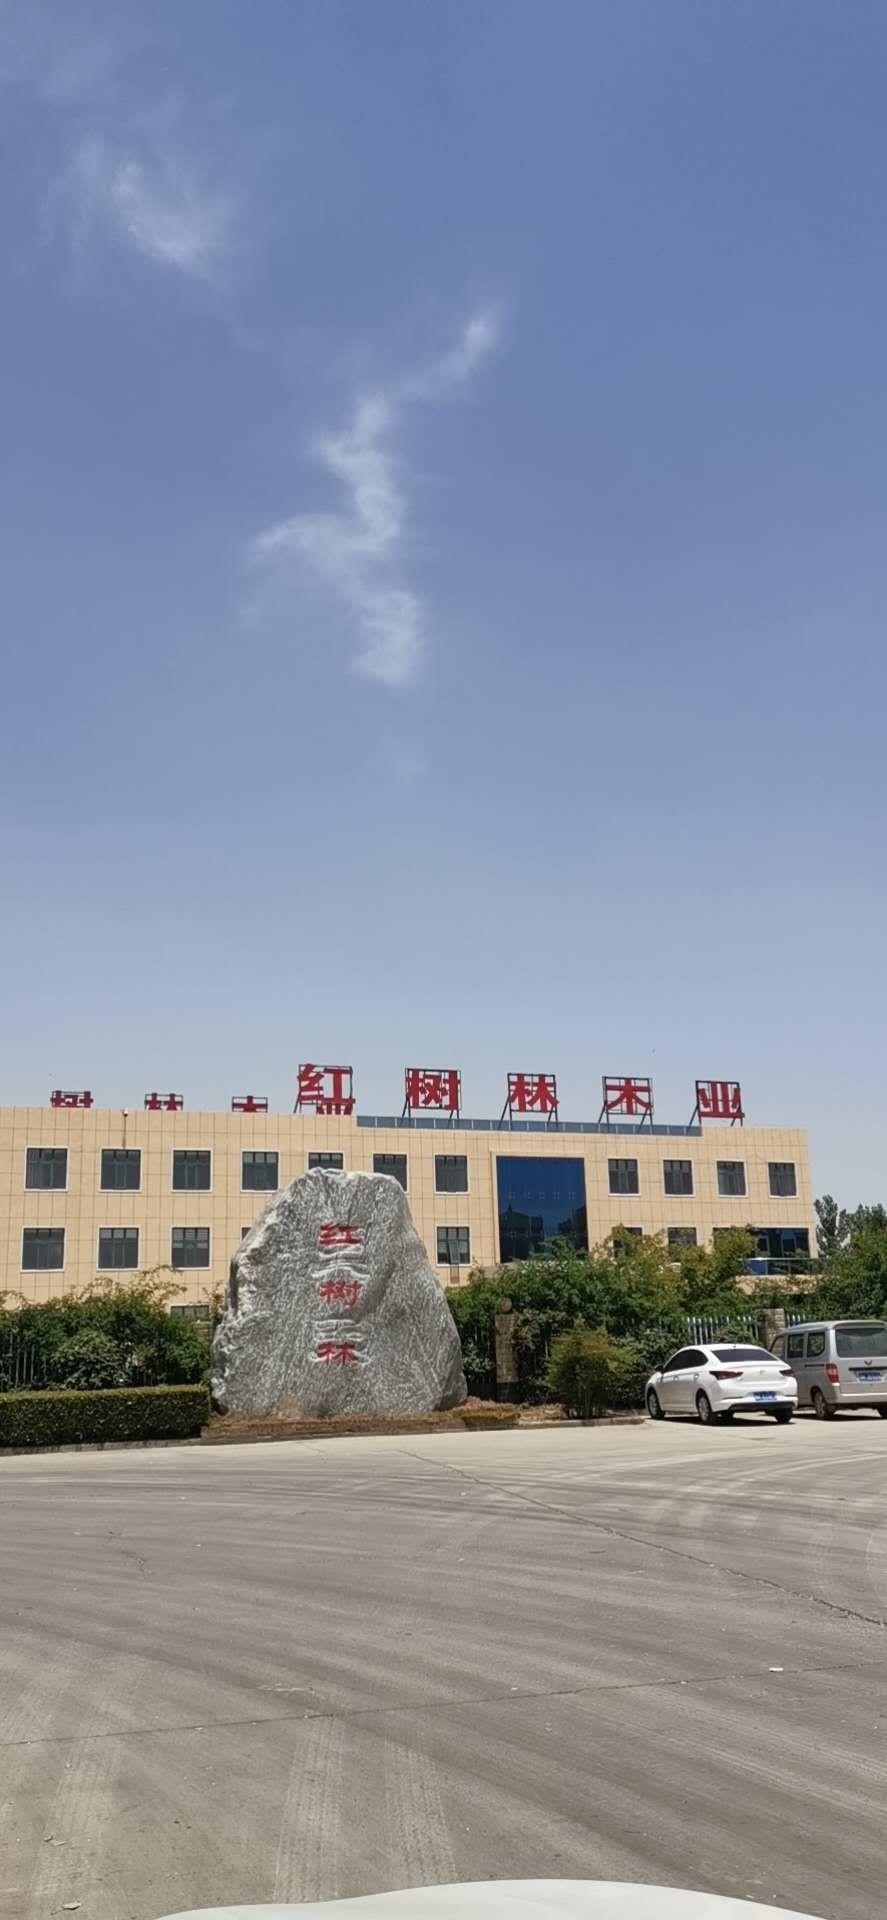 河南长葛市一企业破产被指逃避债务 曾多家银行循环贷款造成3亿坏账-中国商网 中国商报社0